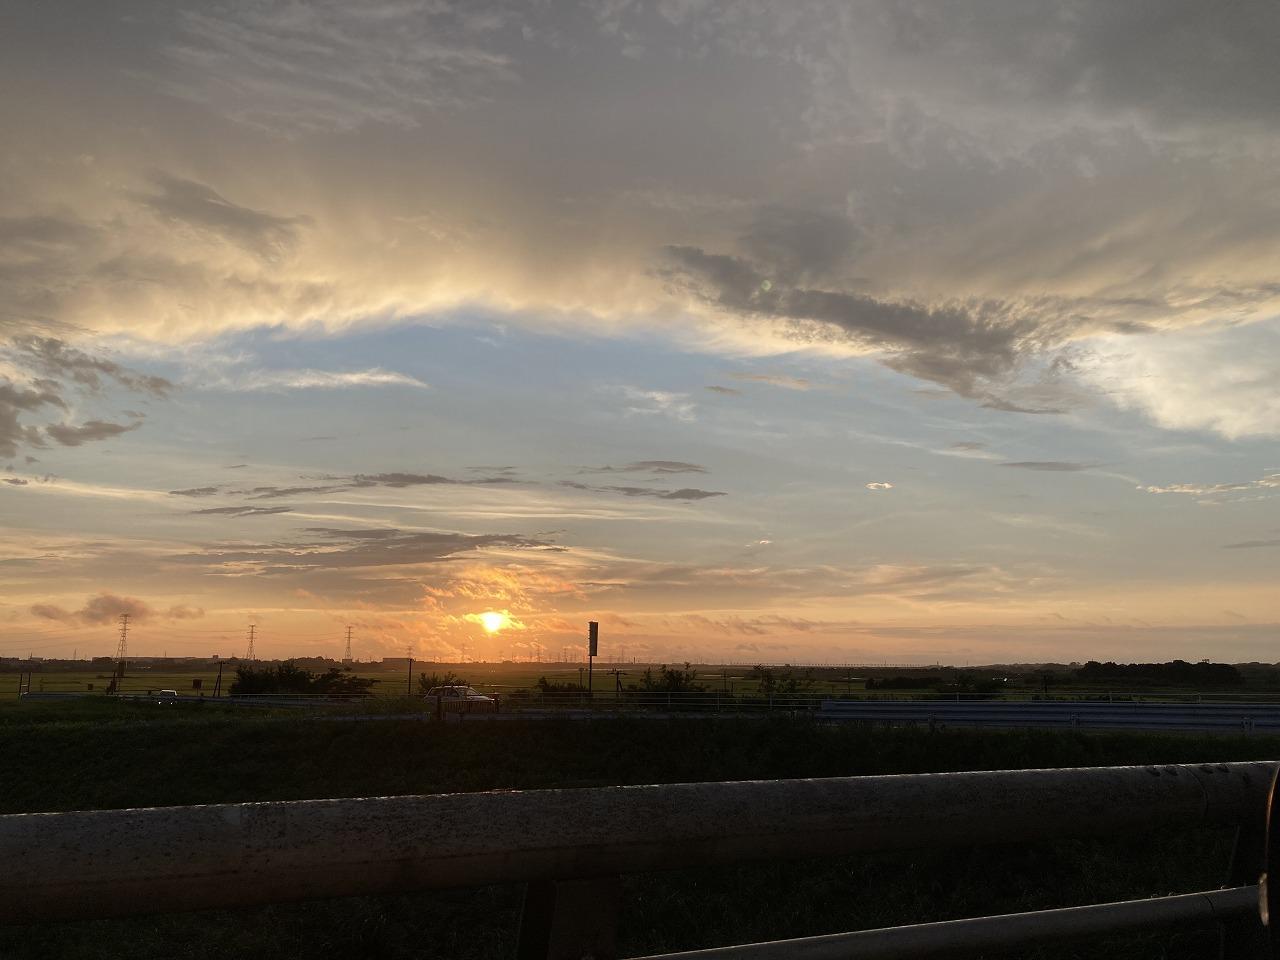 ゲリラ豪雨後の夕日